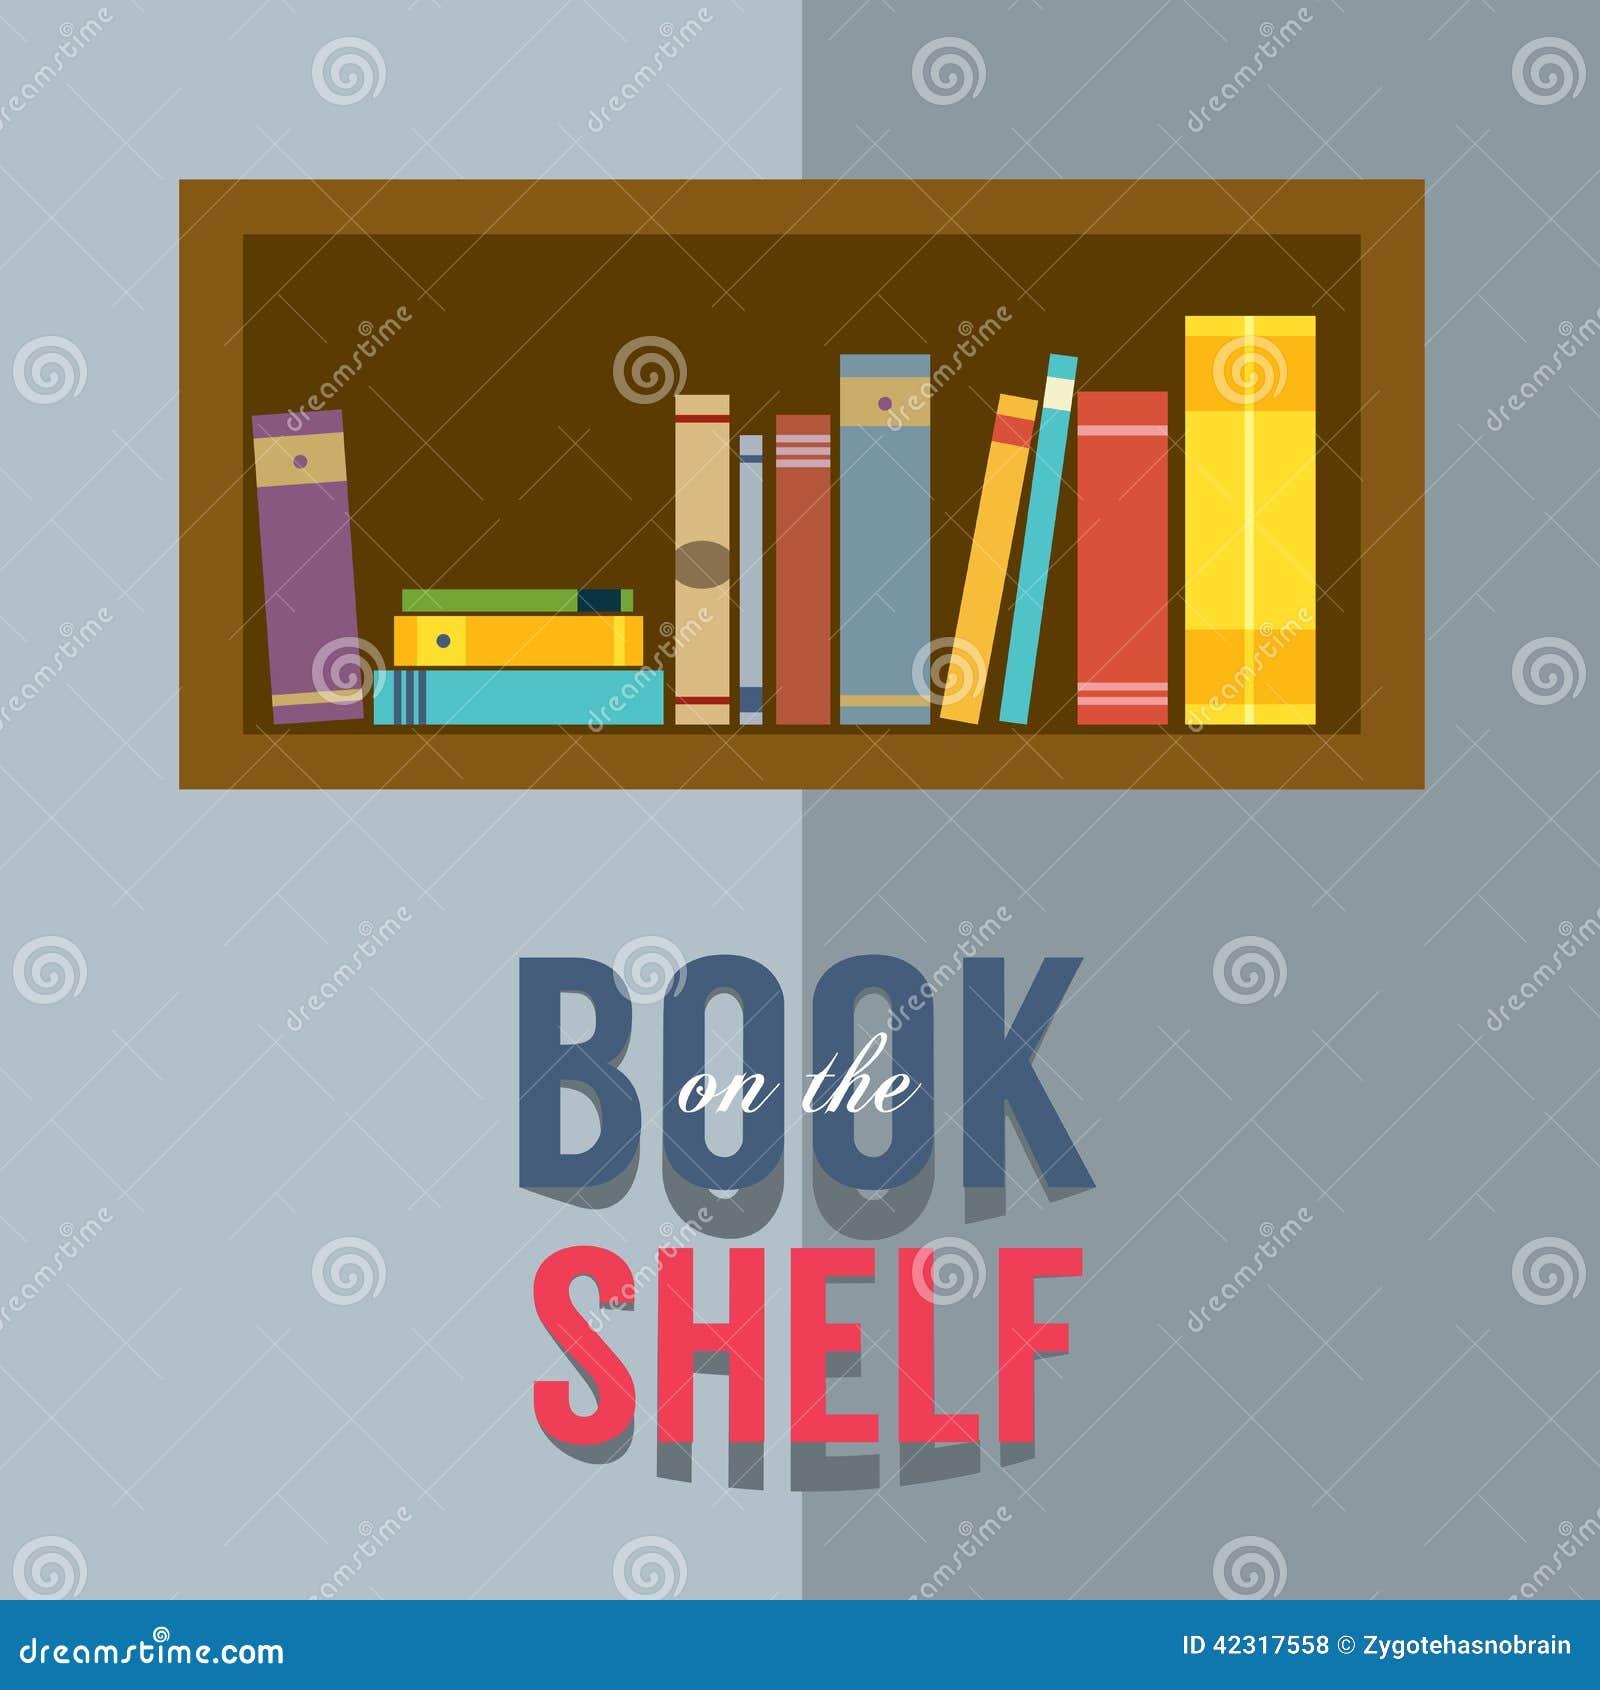 Bookshelf Graphic Stock Vector Illustration Of Shelf